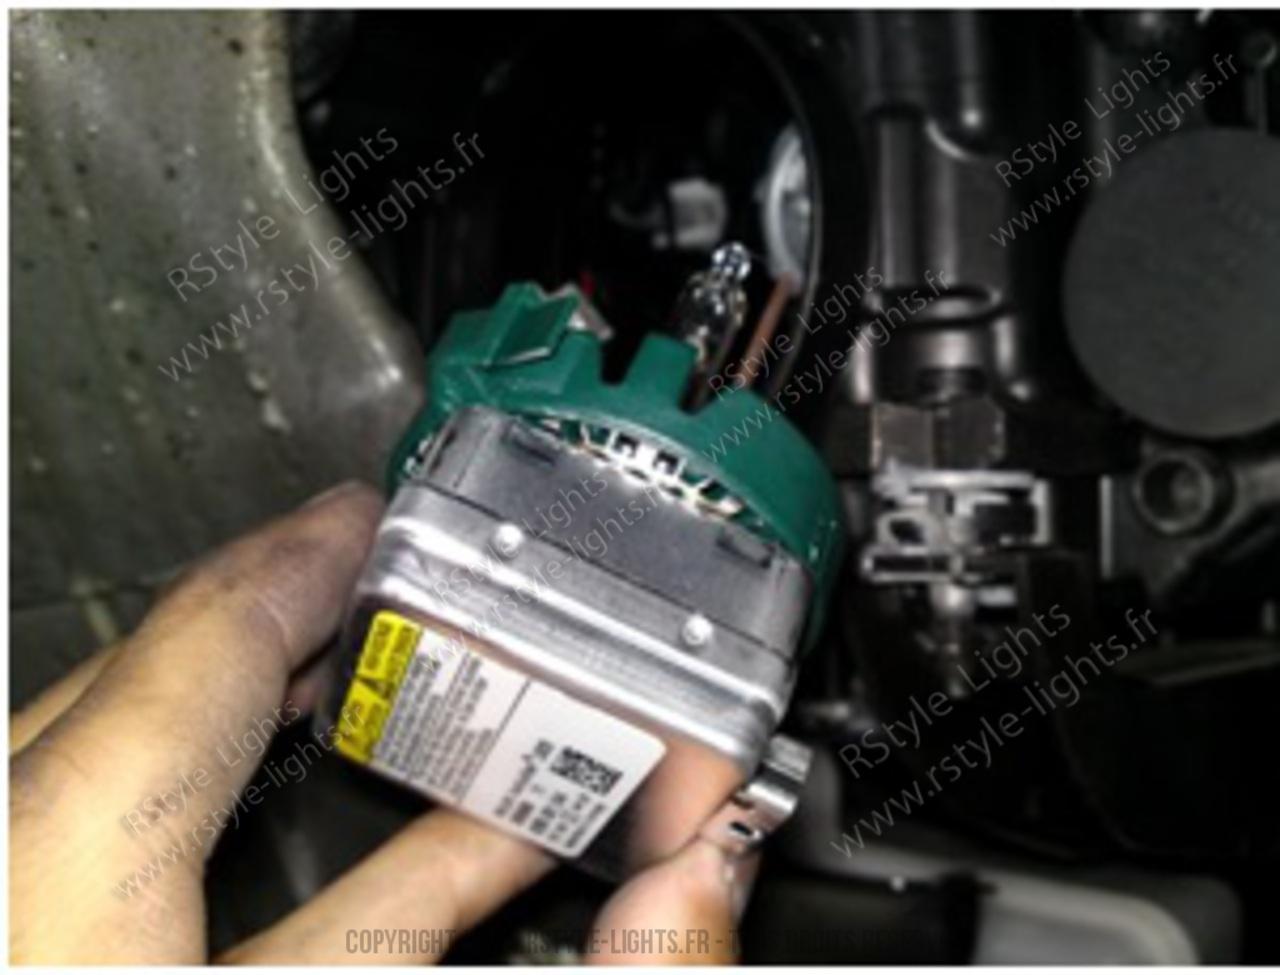 Remplacement changement ampoule D1S D1R D3S D3R et D2S D2R D4S D4R 9